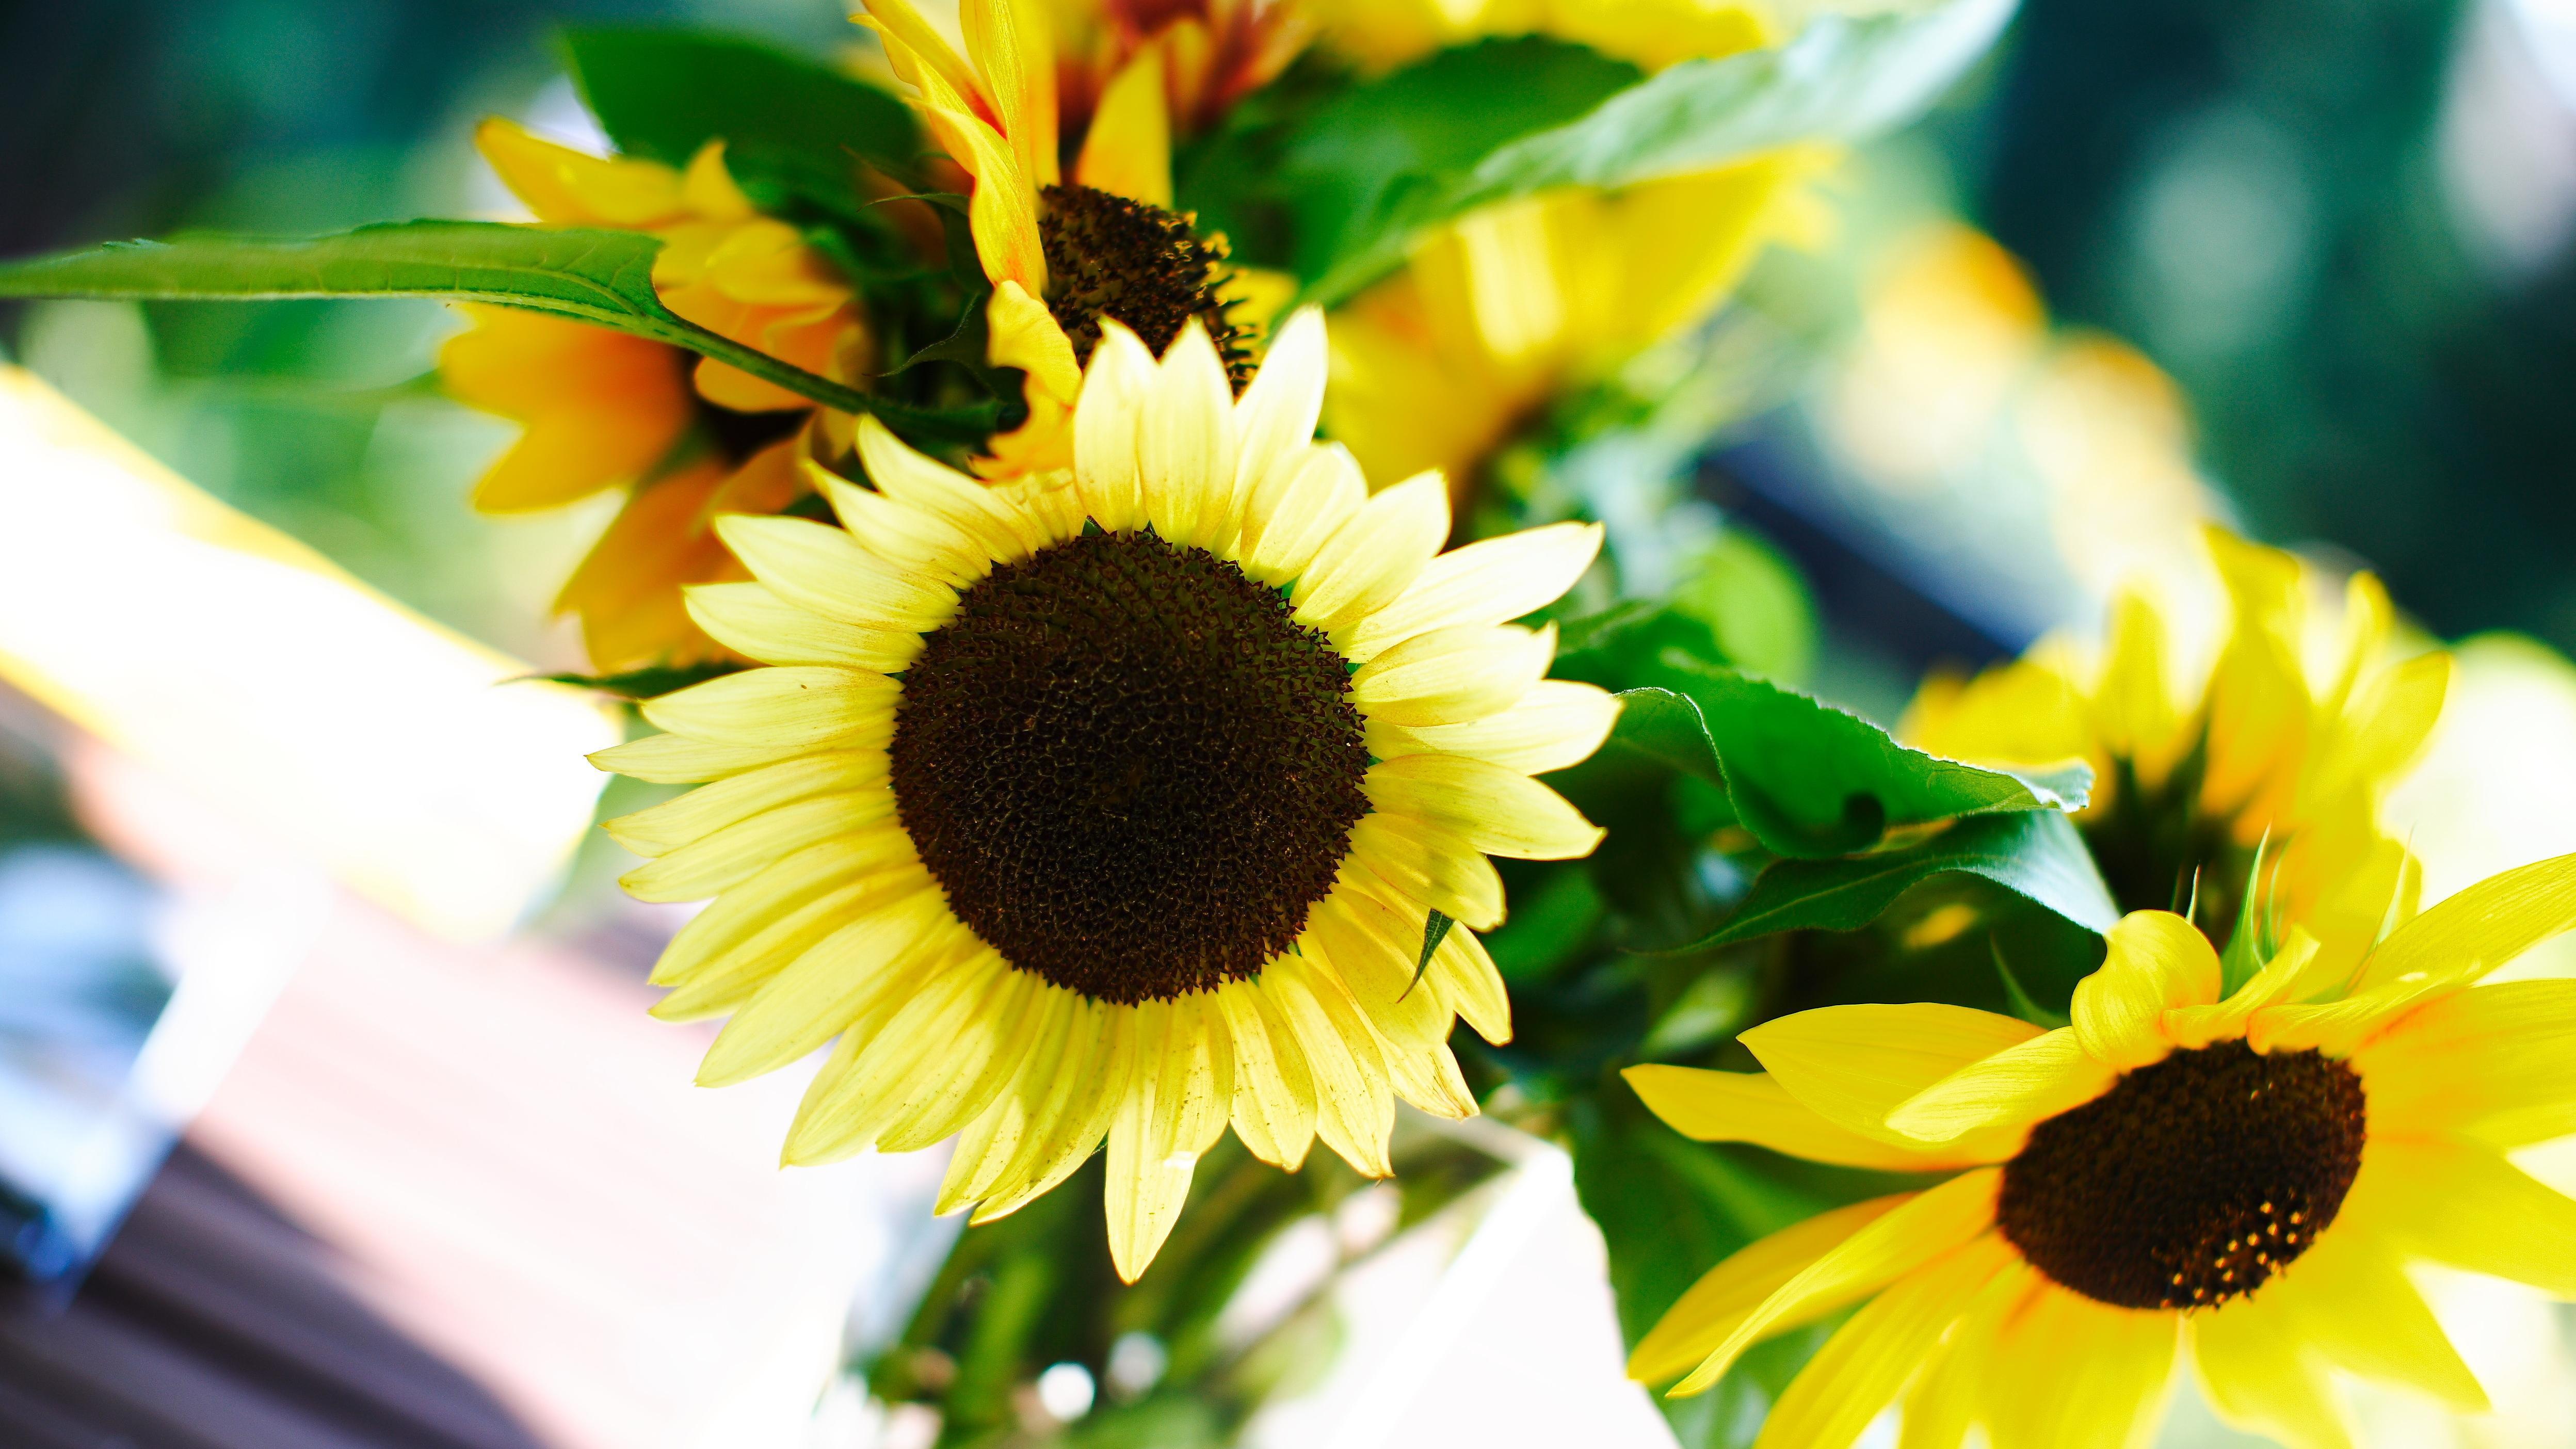 Blumen aus dem heimischen Garten, wie beispielsweise die Sonnenblume, können bei einer Hochzeit als Dekoration verwendet werden.